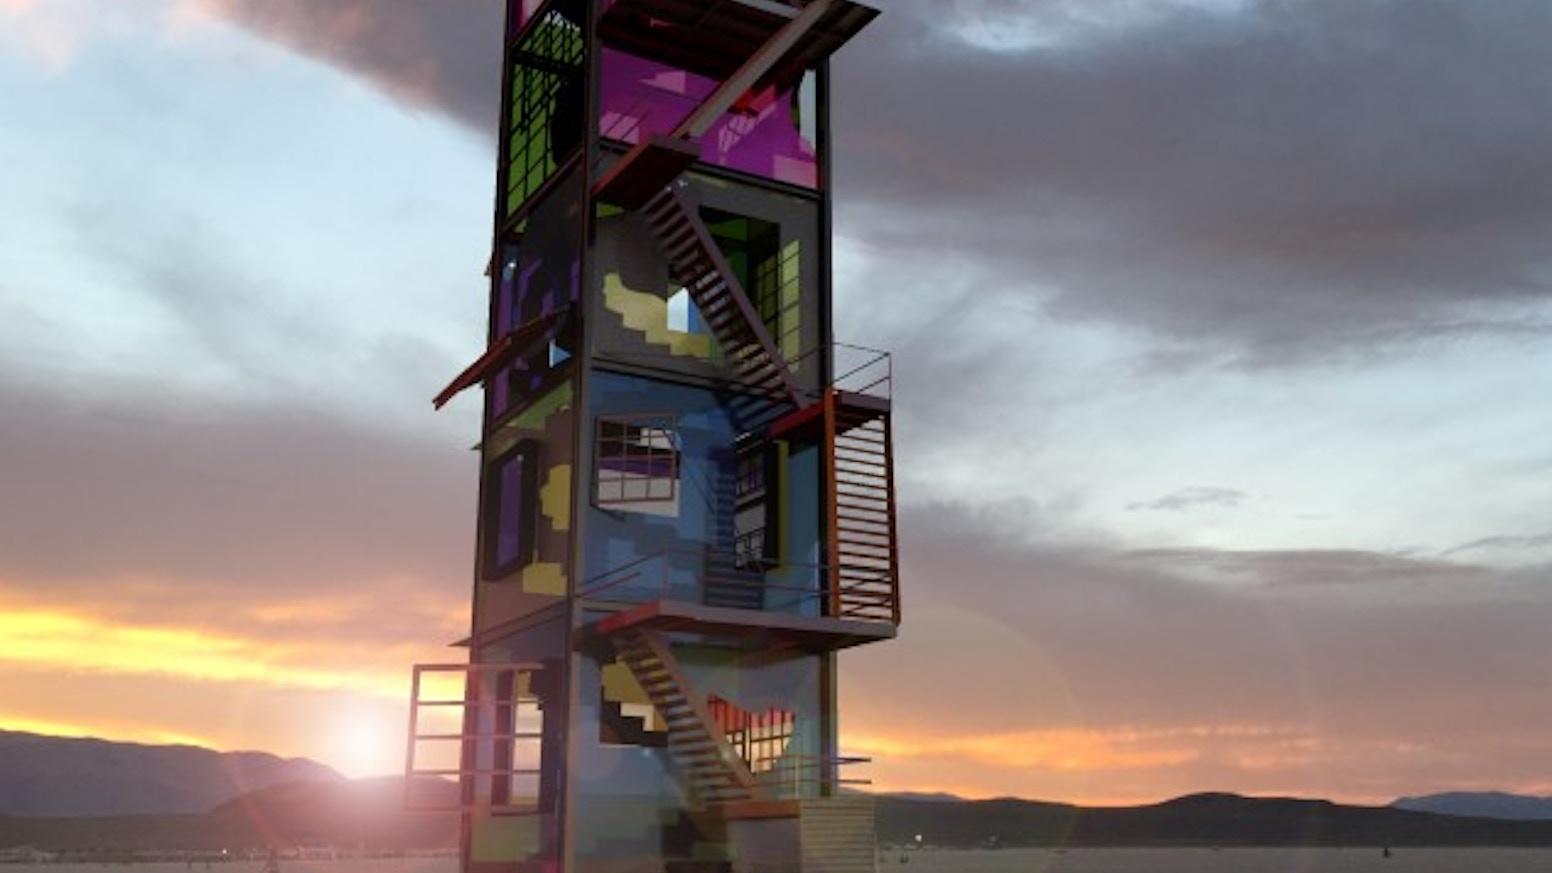 Kaleidoscope - Burning Man 2018